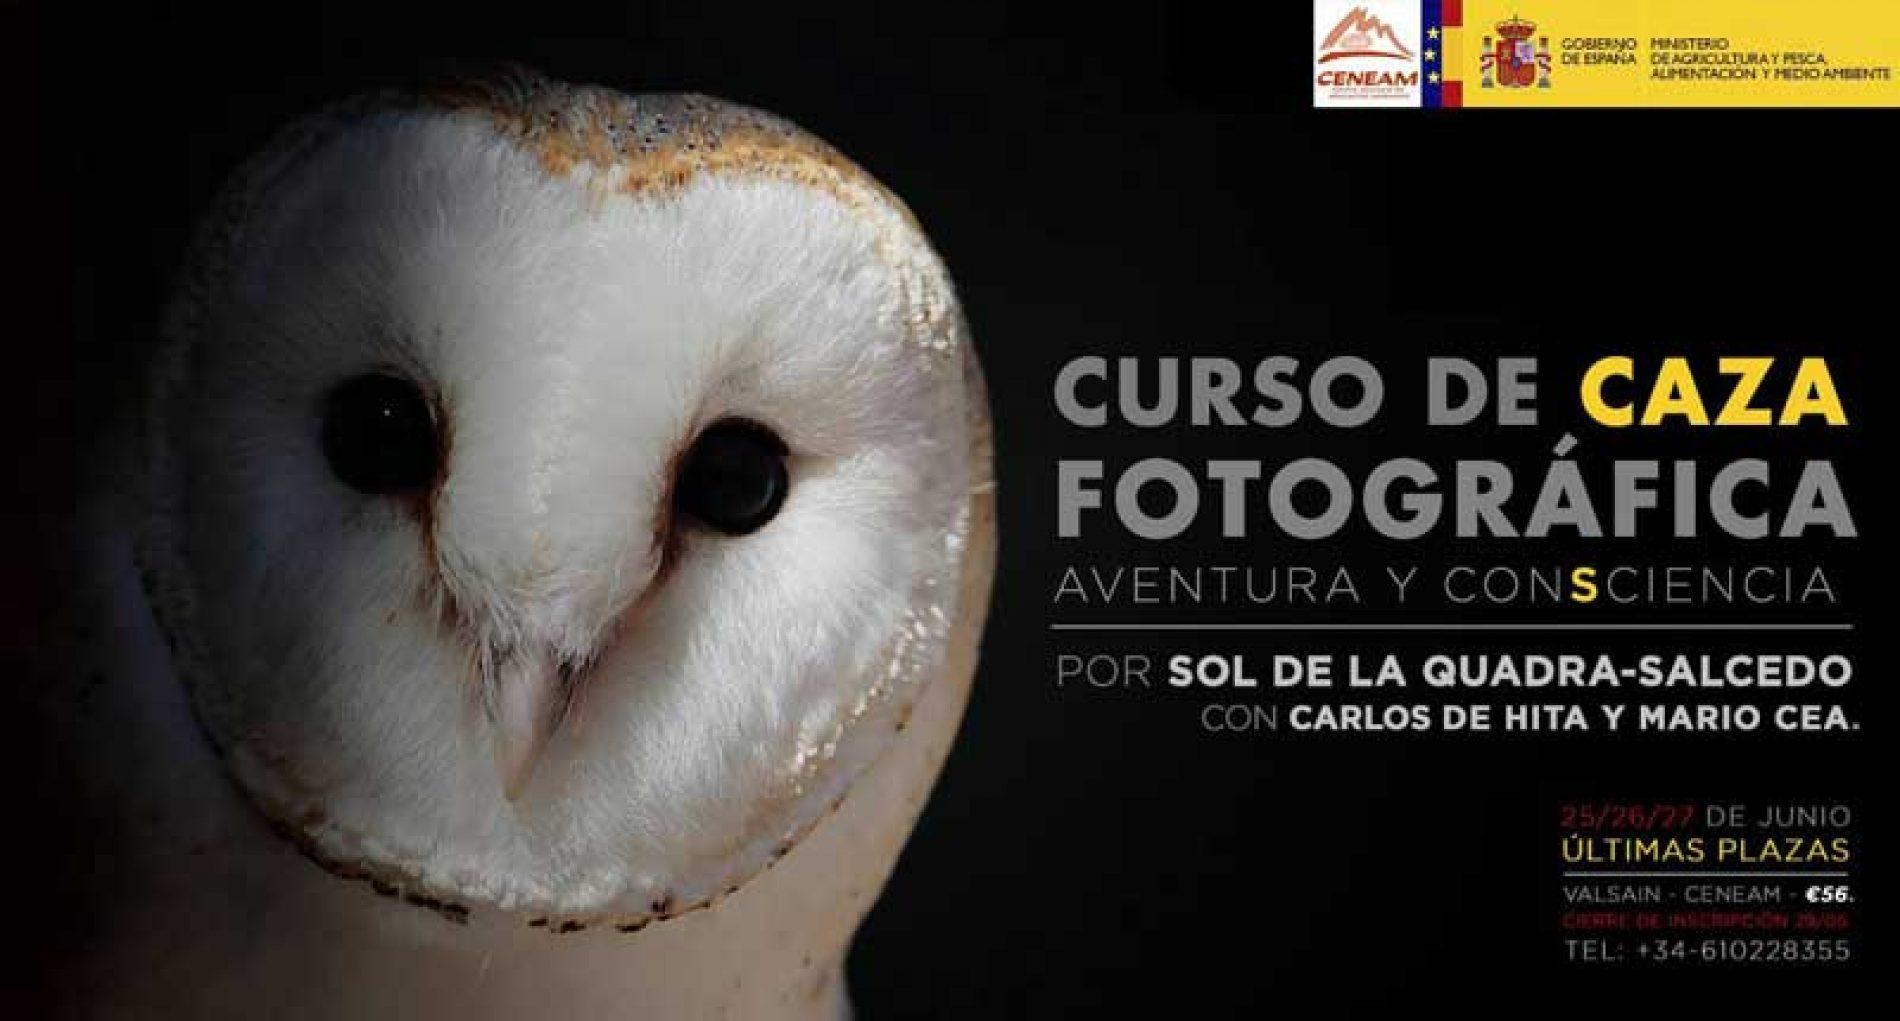 Curso de Caza fotográfica. El Arte de la Caza Fotográfica.